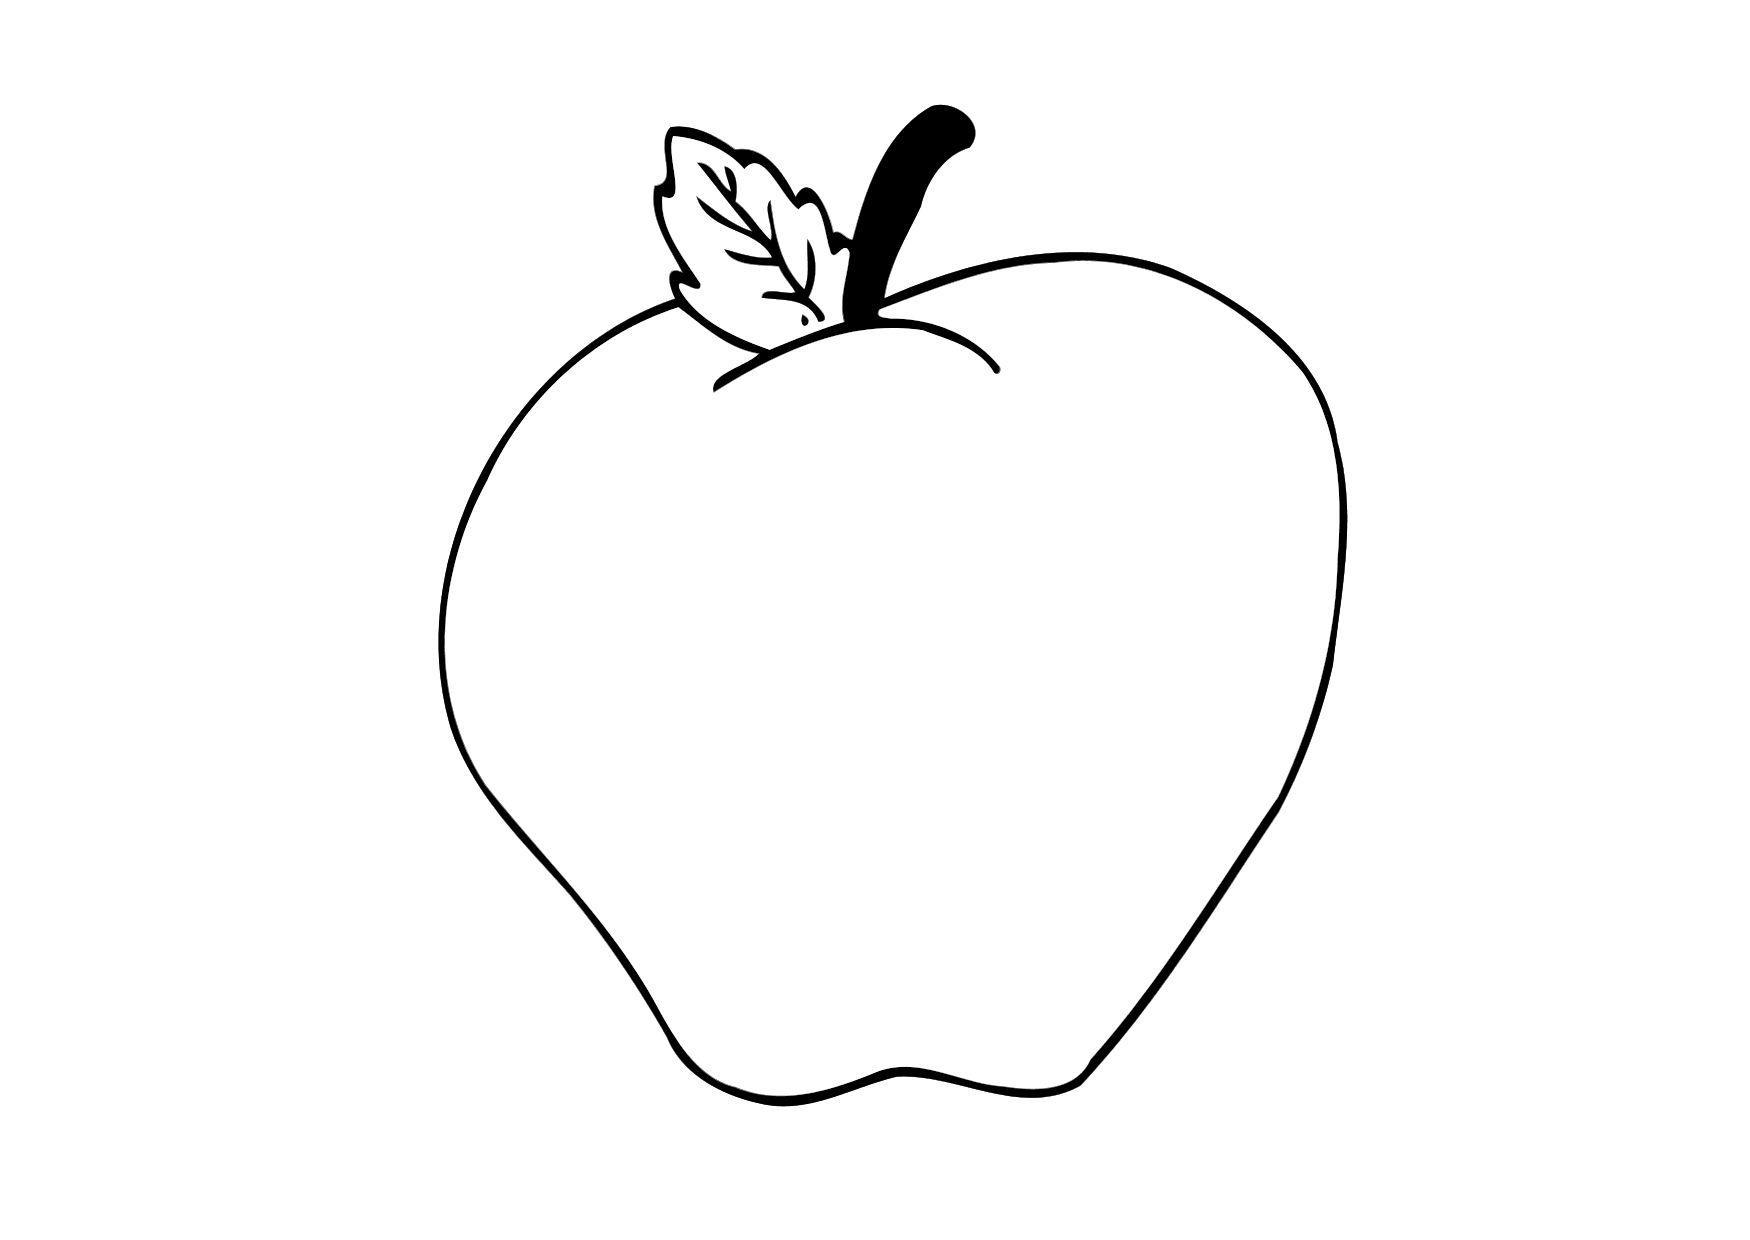 Coloriage pomme img 12305 - Dessin pomme a colorier ...